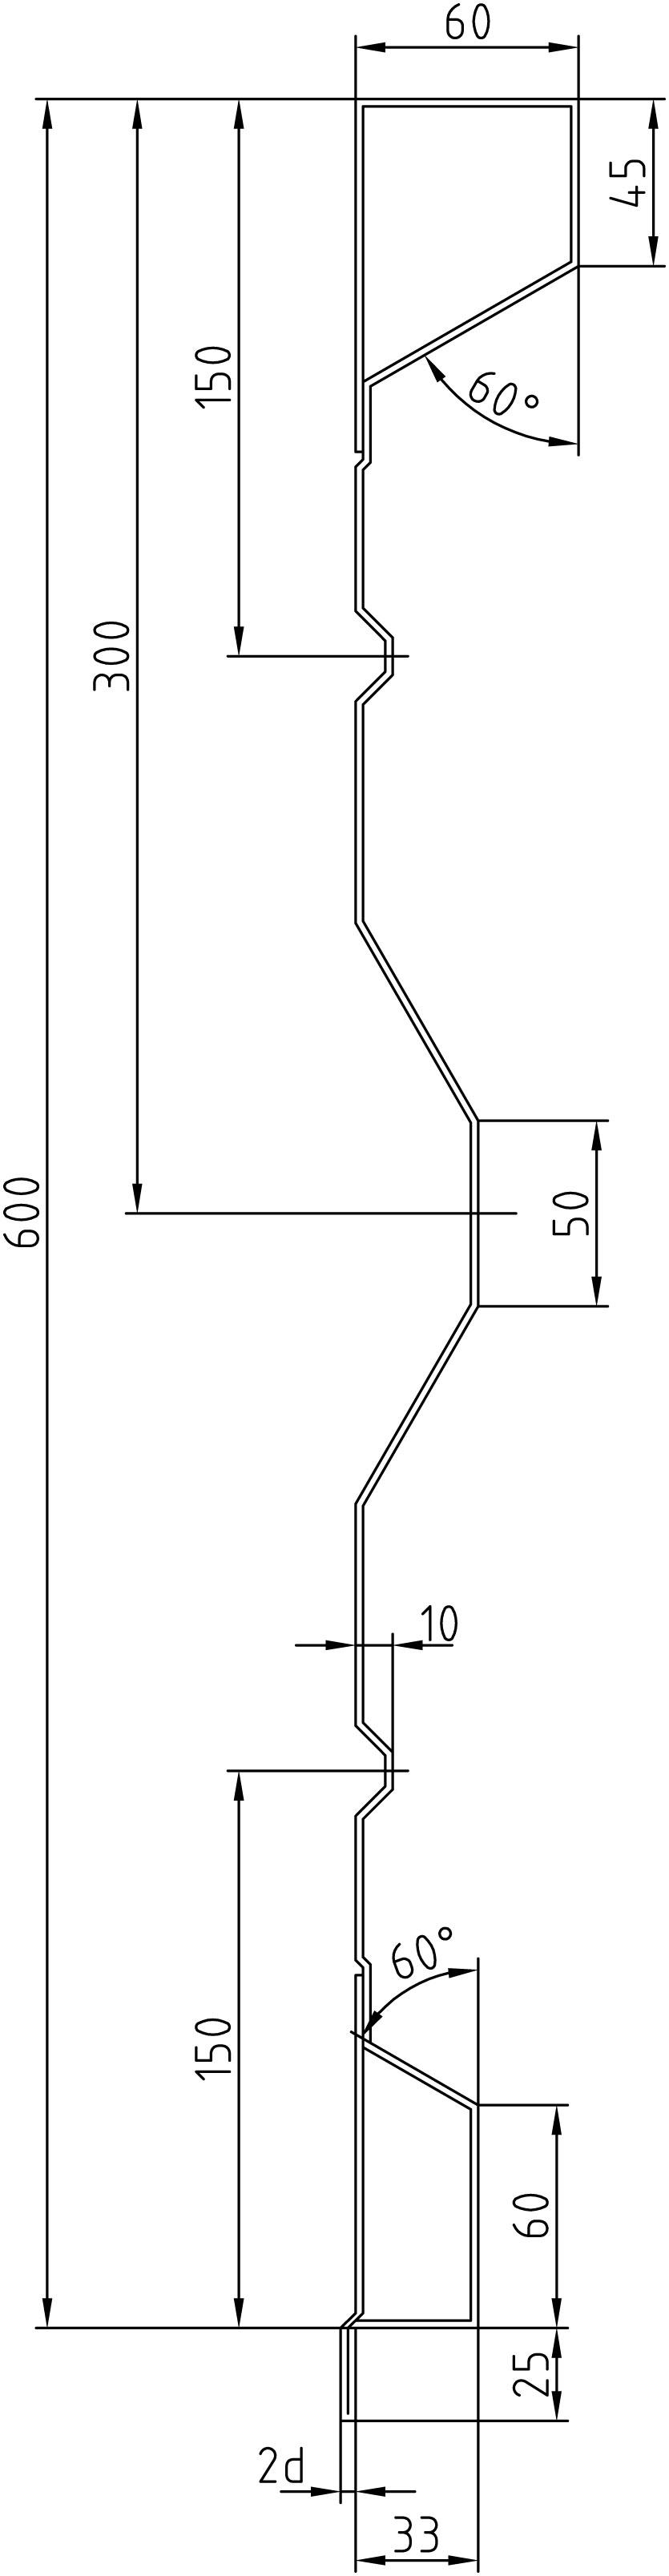 Brantner Kipper und Anhänger - 600x2x5000 attachment board with trailing edges